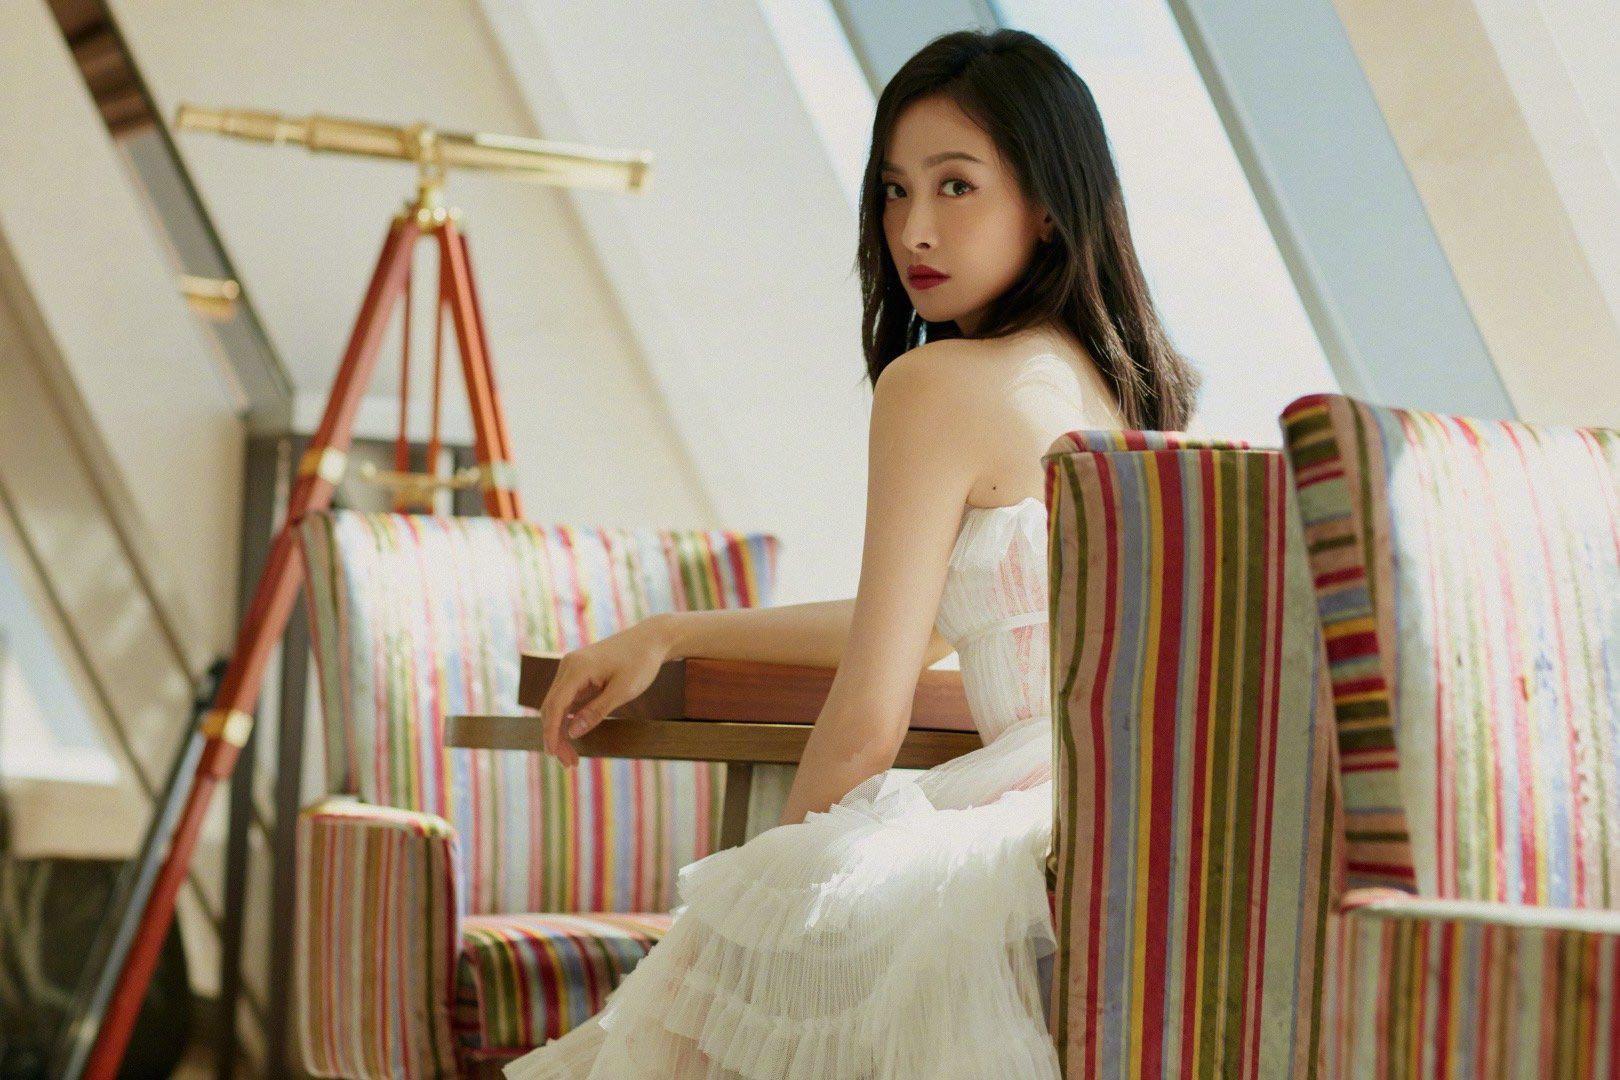 宋茜白色纱裙造型,梦幻网纱突显身姿轻盈优雅,肩颈锁骨线条分明